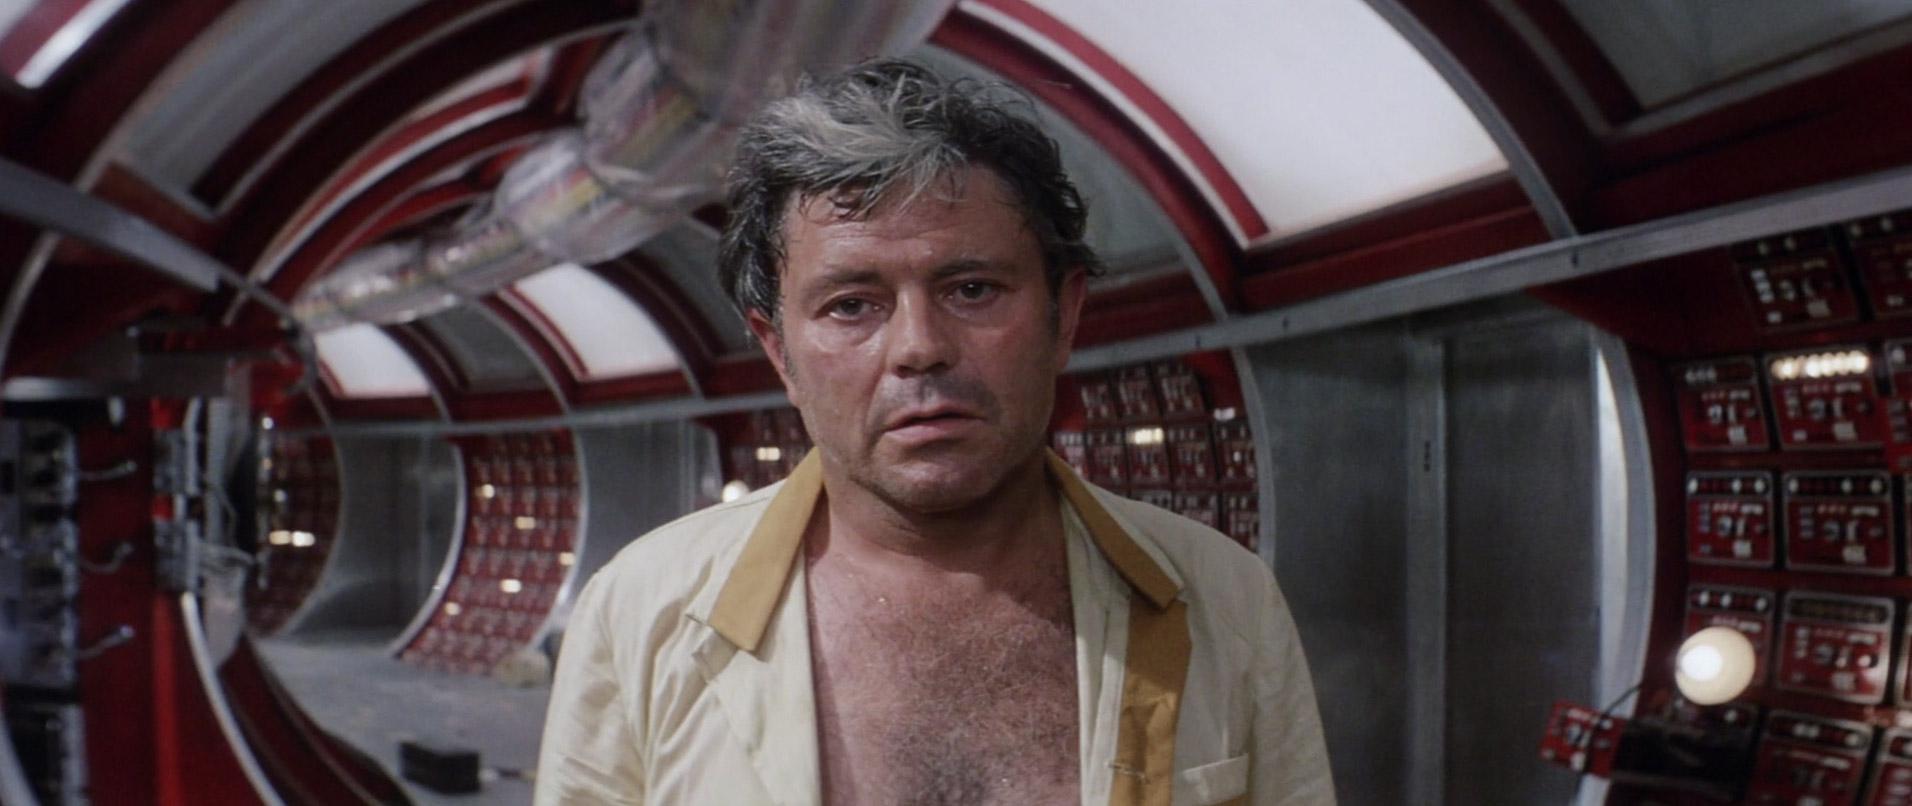 Solaris, Andrej Tarkovskij storia del cinema cinematown.it